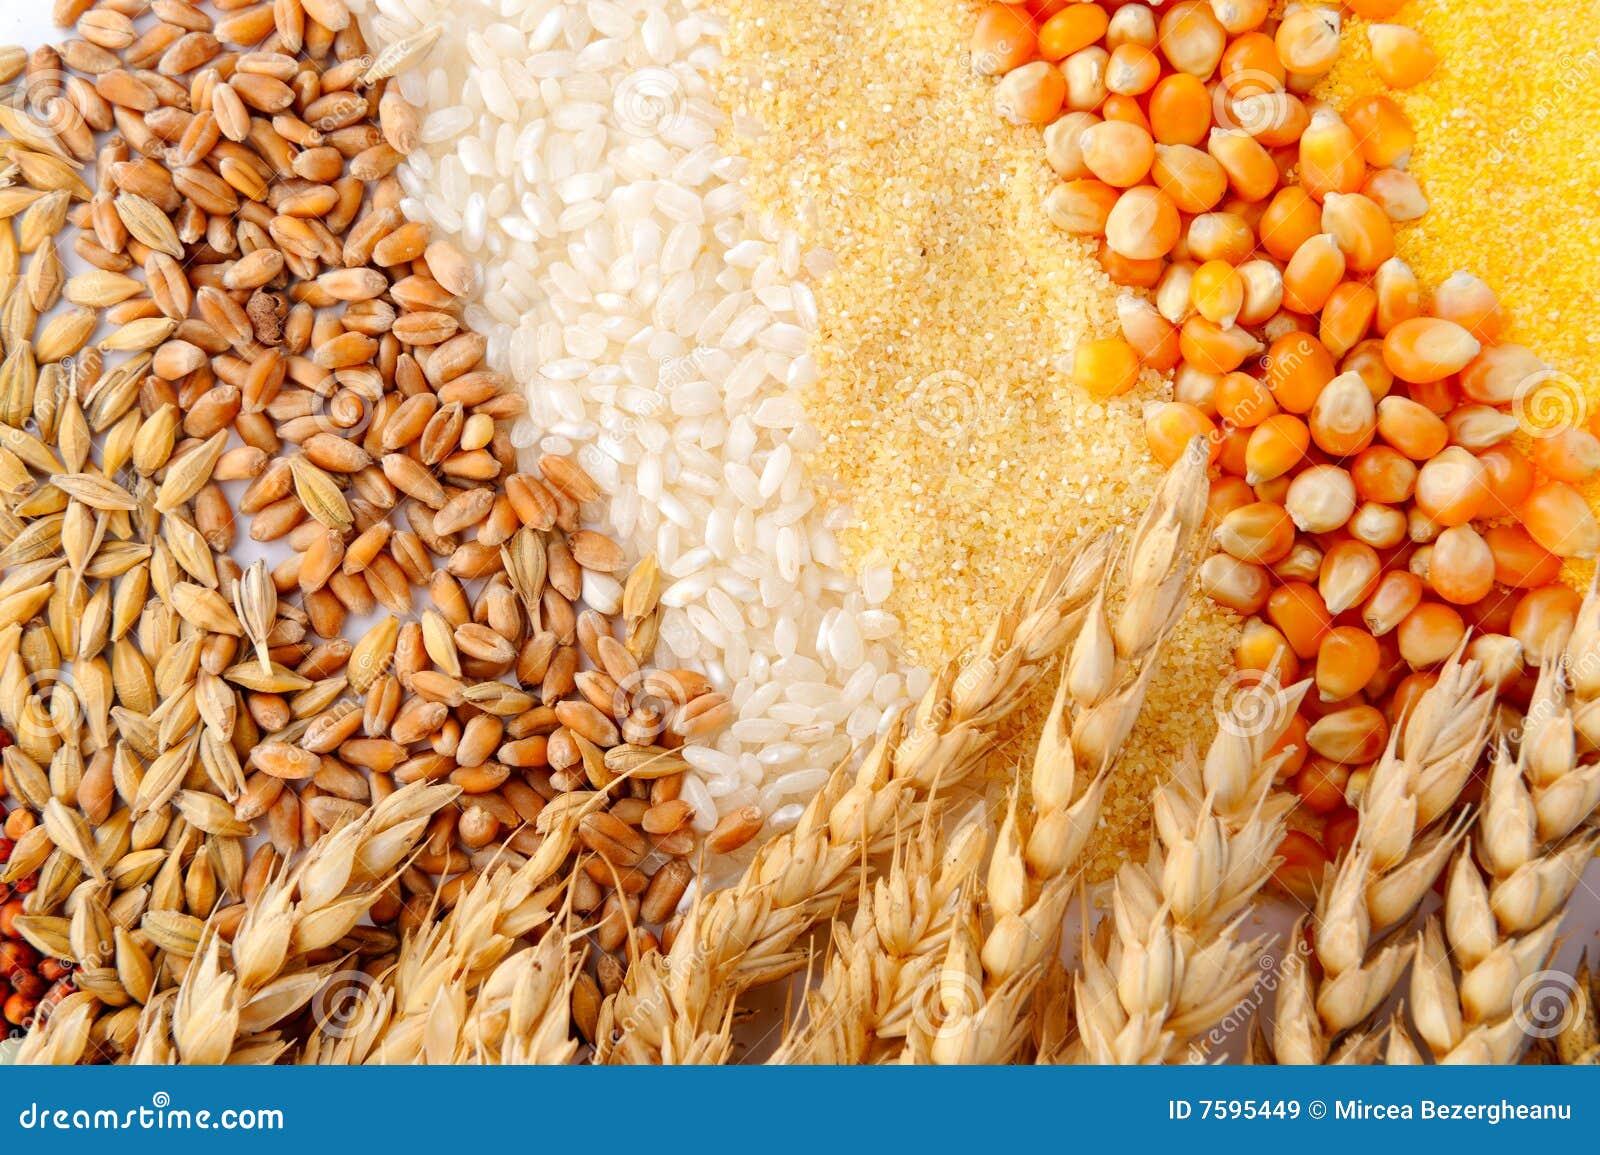 Getreidestartwerte für zufallsgenerator und Weizenohren